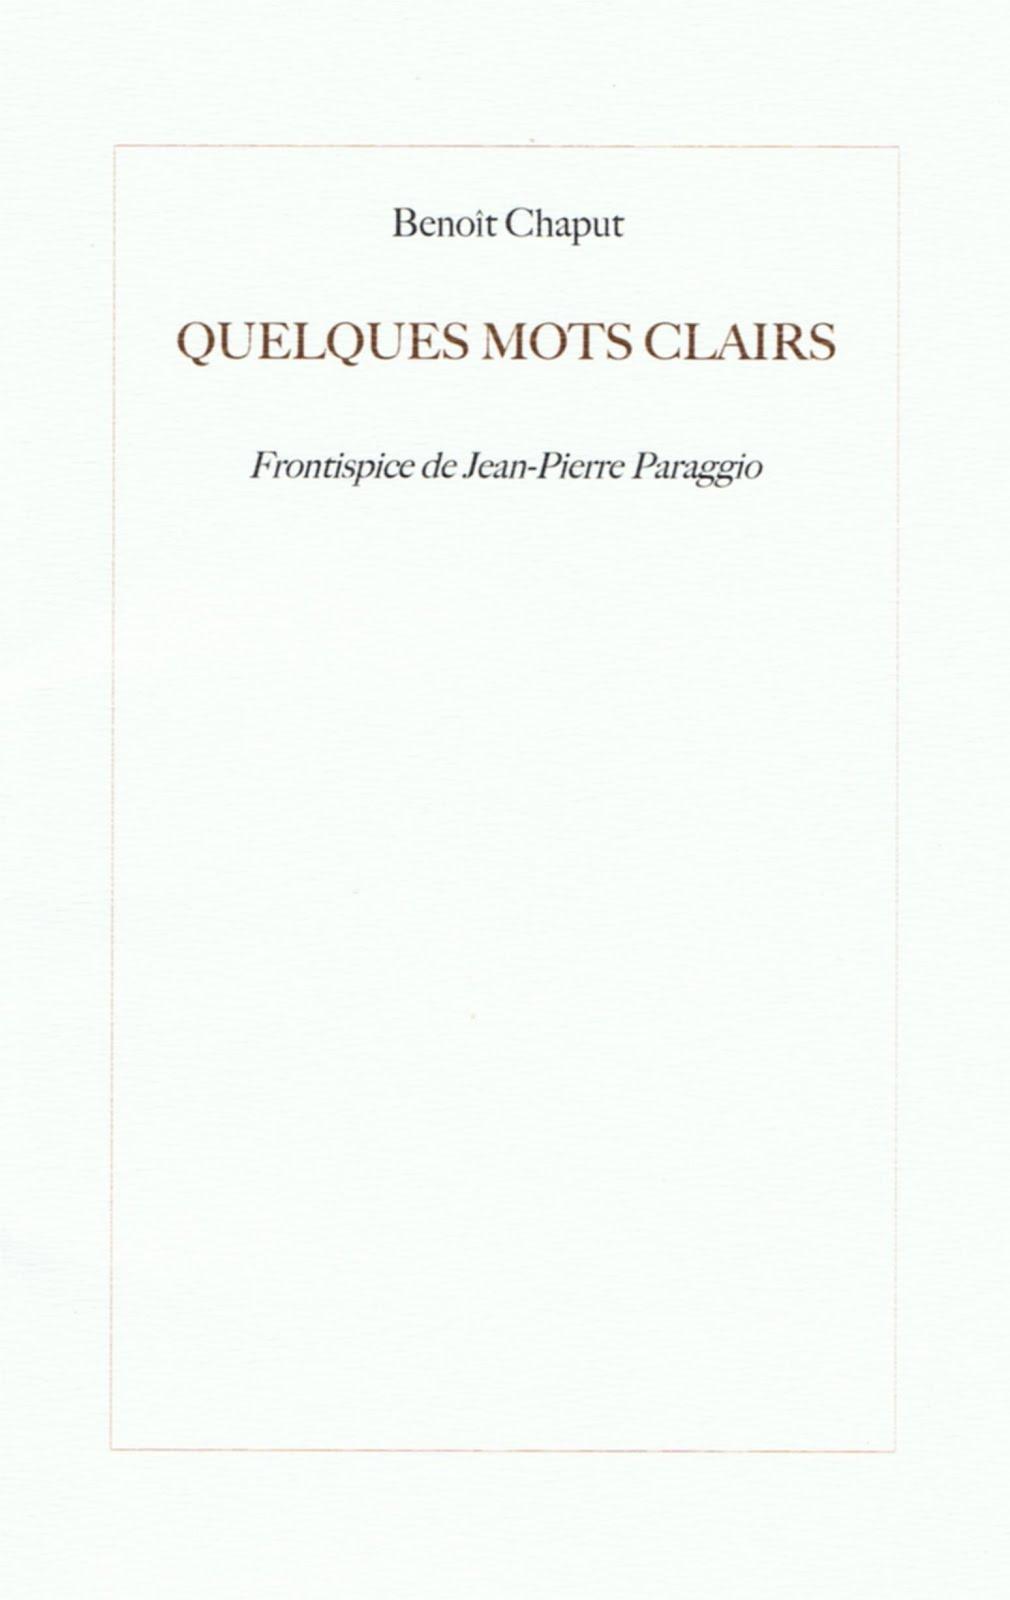 Benoît CHAPUT, QUELQUES MOTS CLAIRS, COLLECTION DE L'UMBO